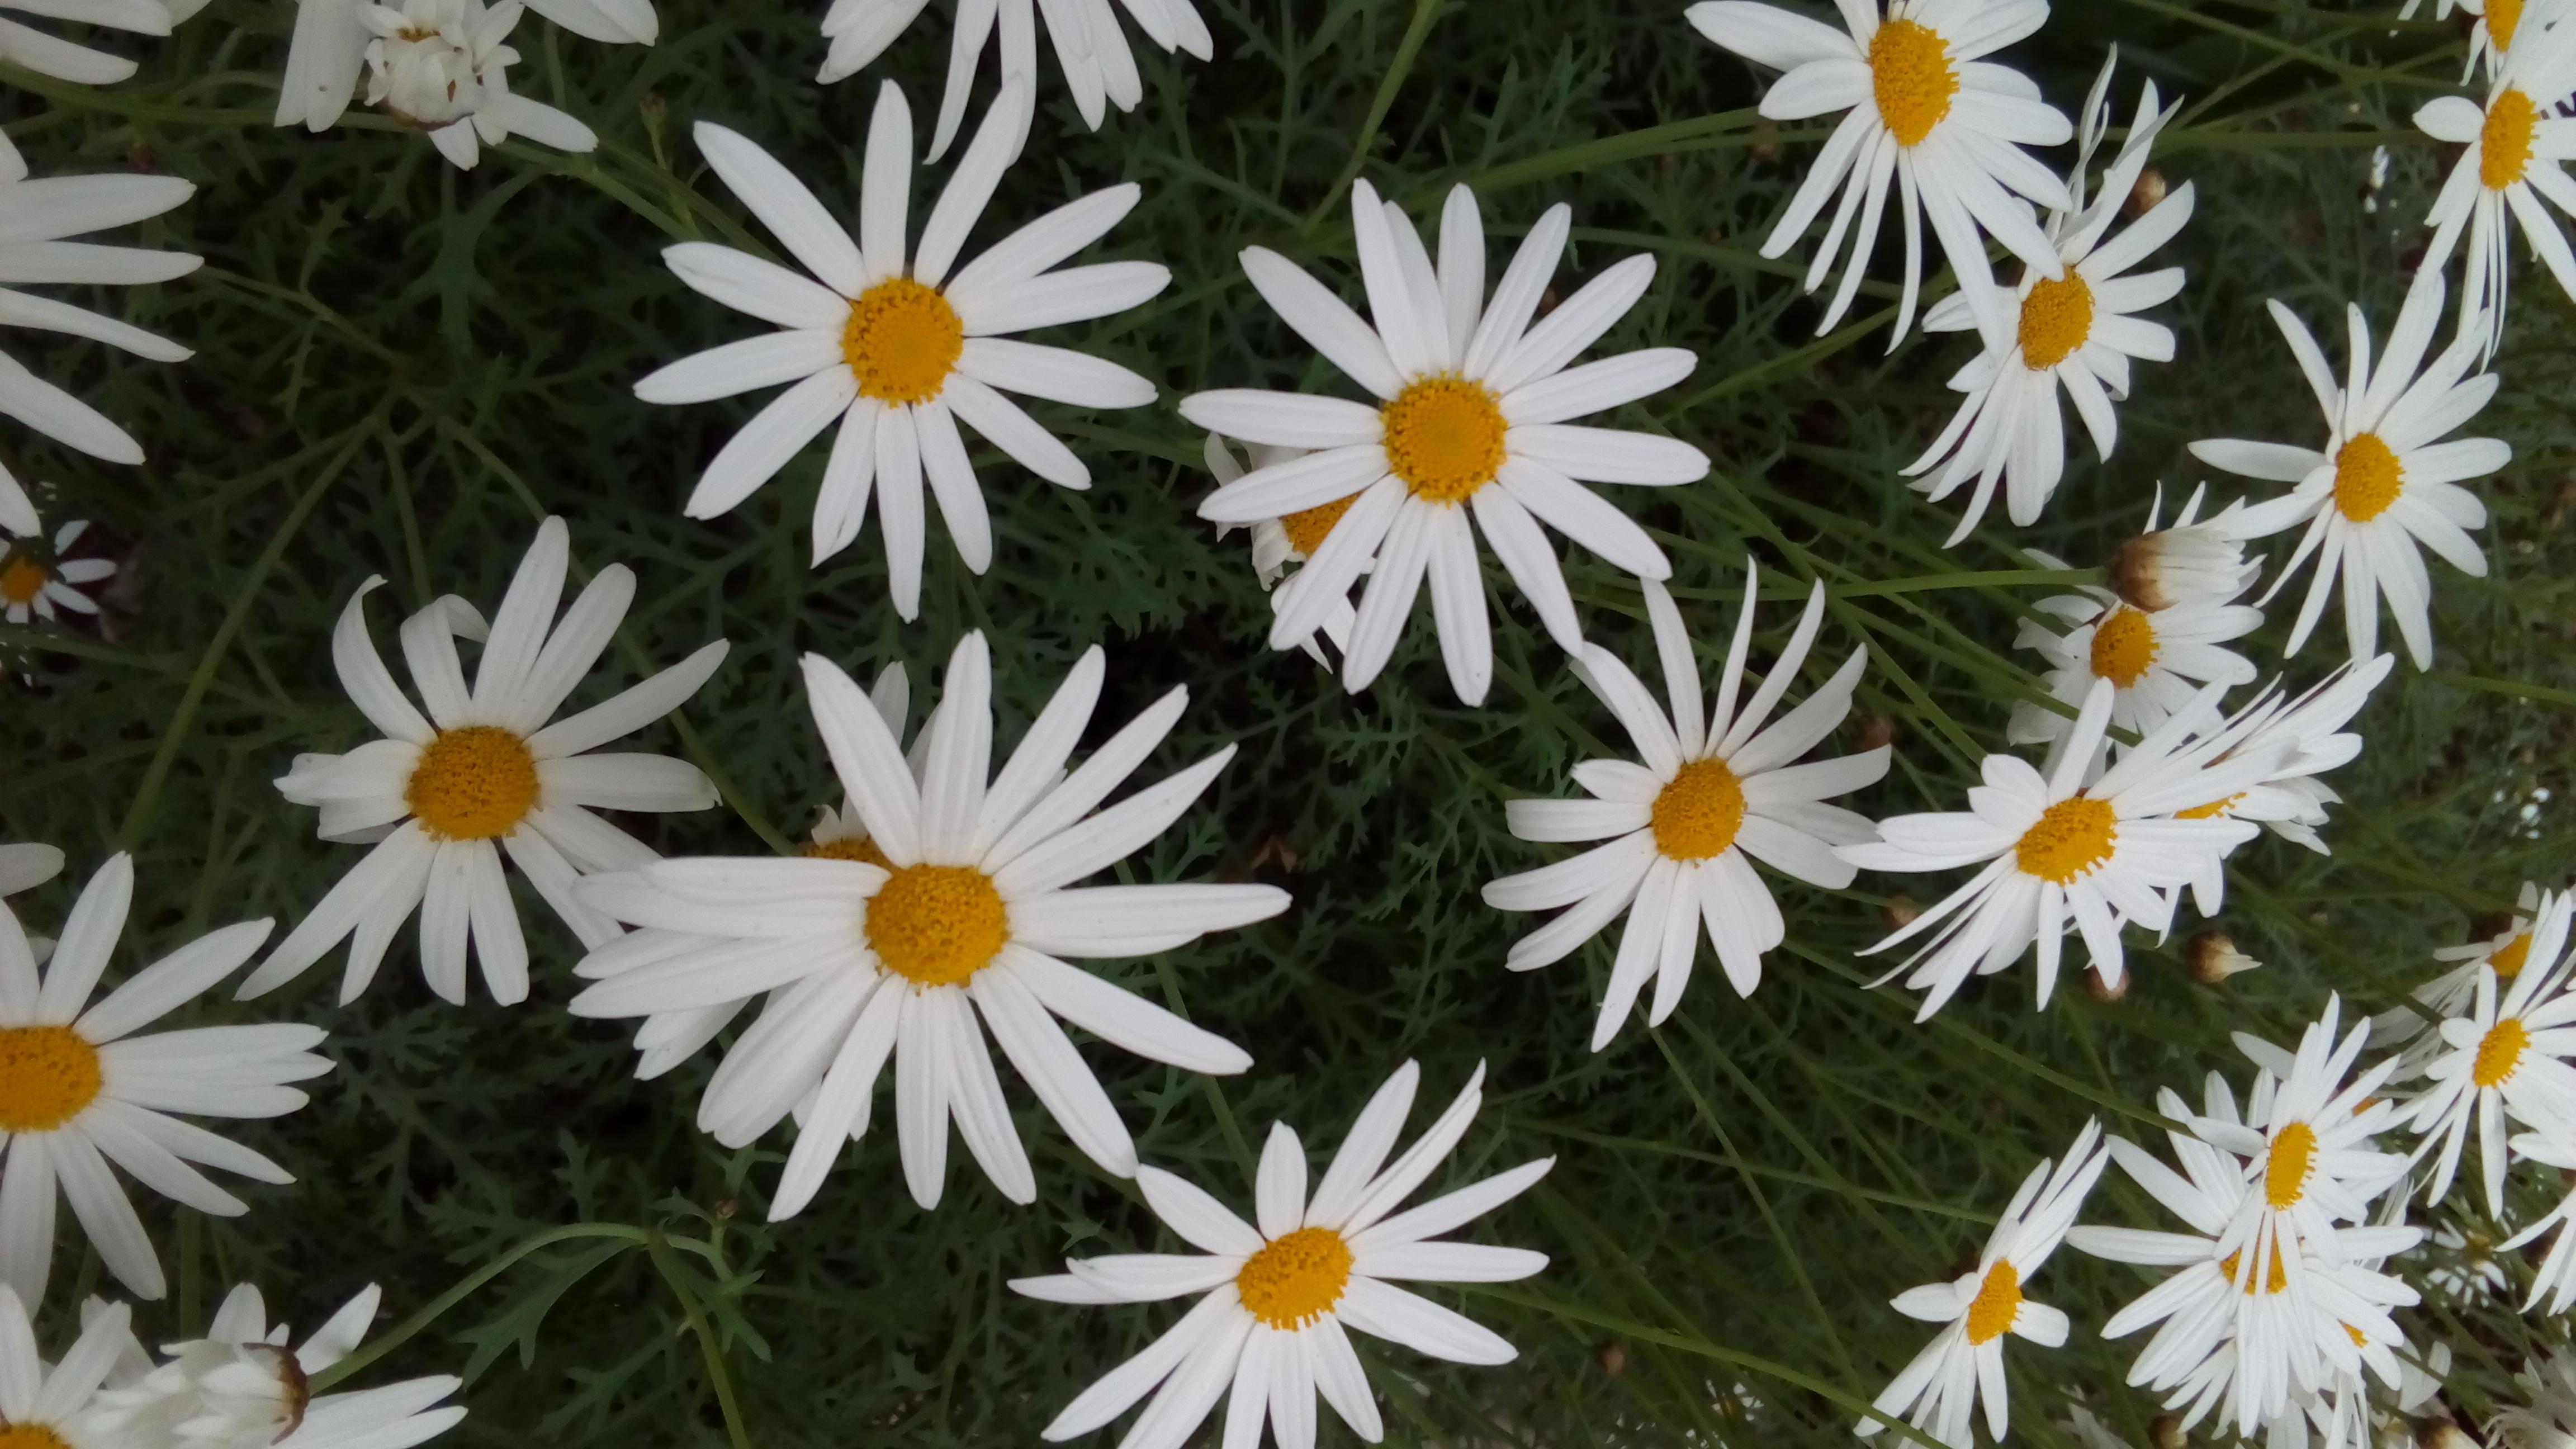 Gambar Bunga Bunga Putih Kuning Marguerite Daisy